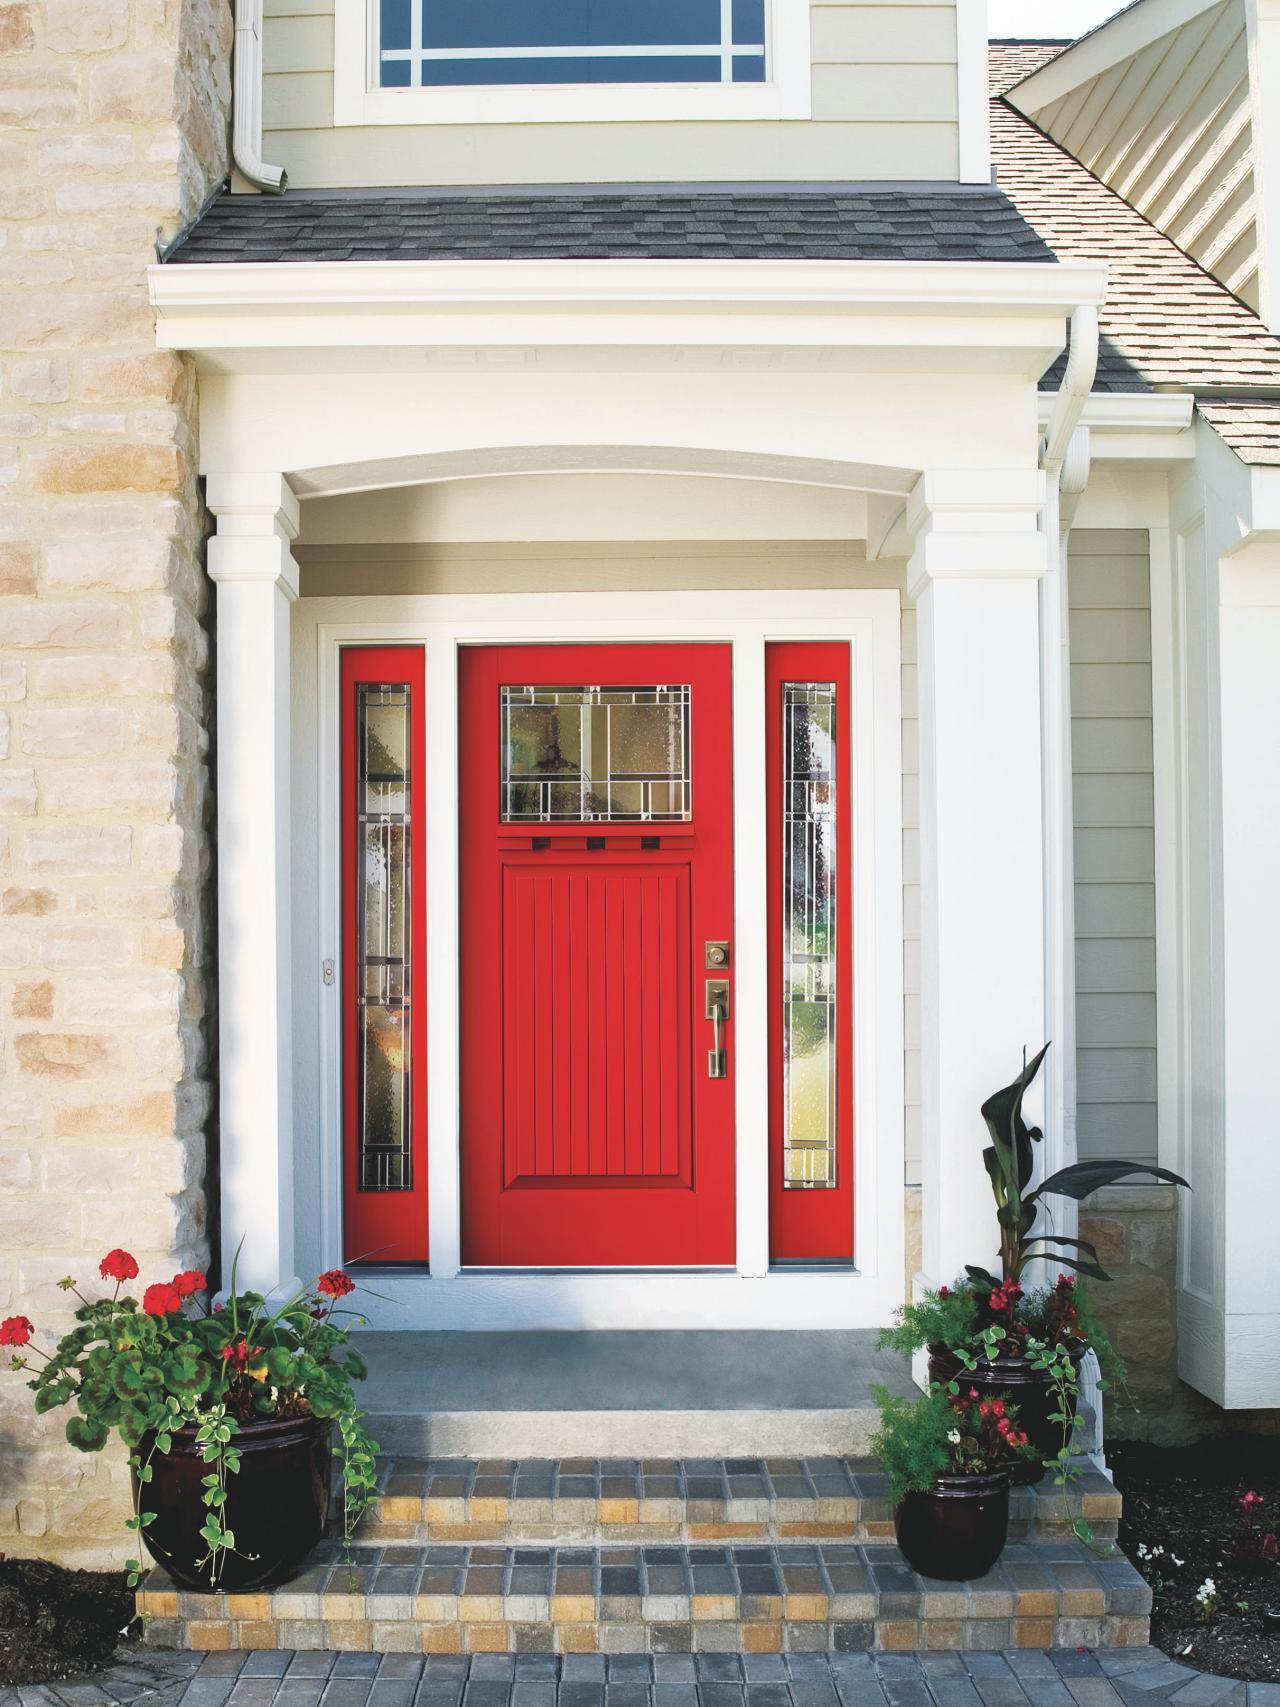 CI-Thermatru-canvas-red-entry-door_s3x4.jpg.rend.hgtvcom.1280.1707